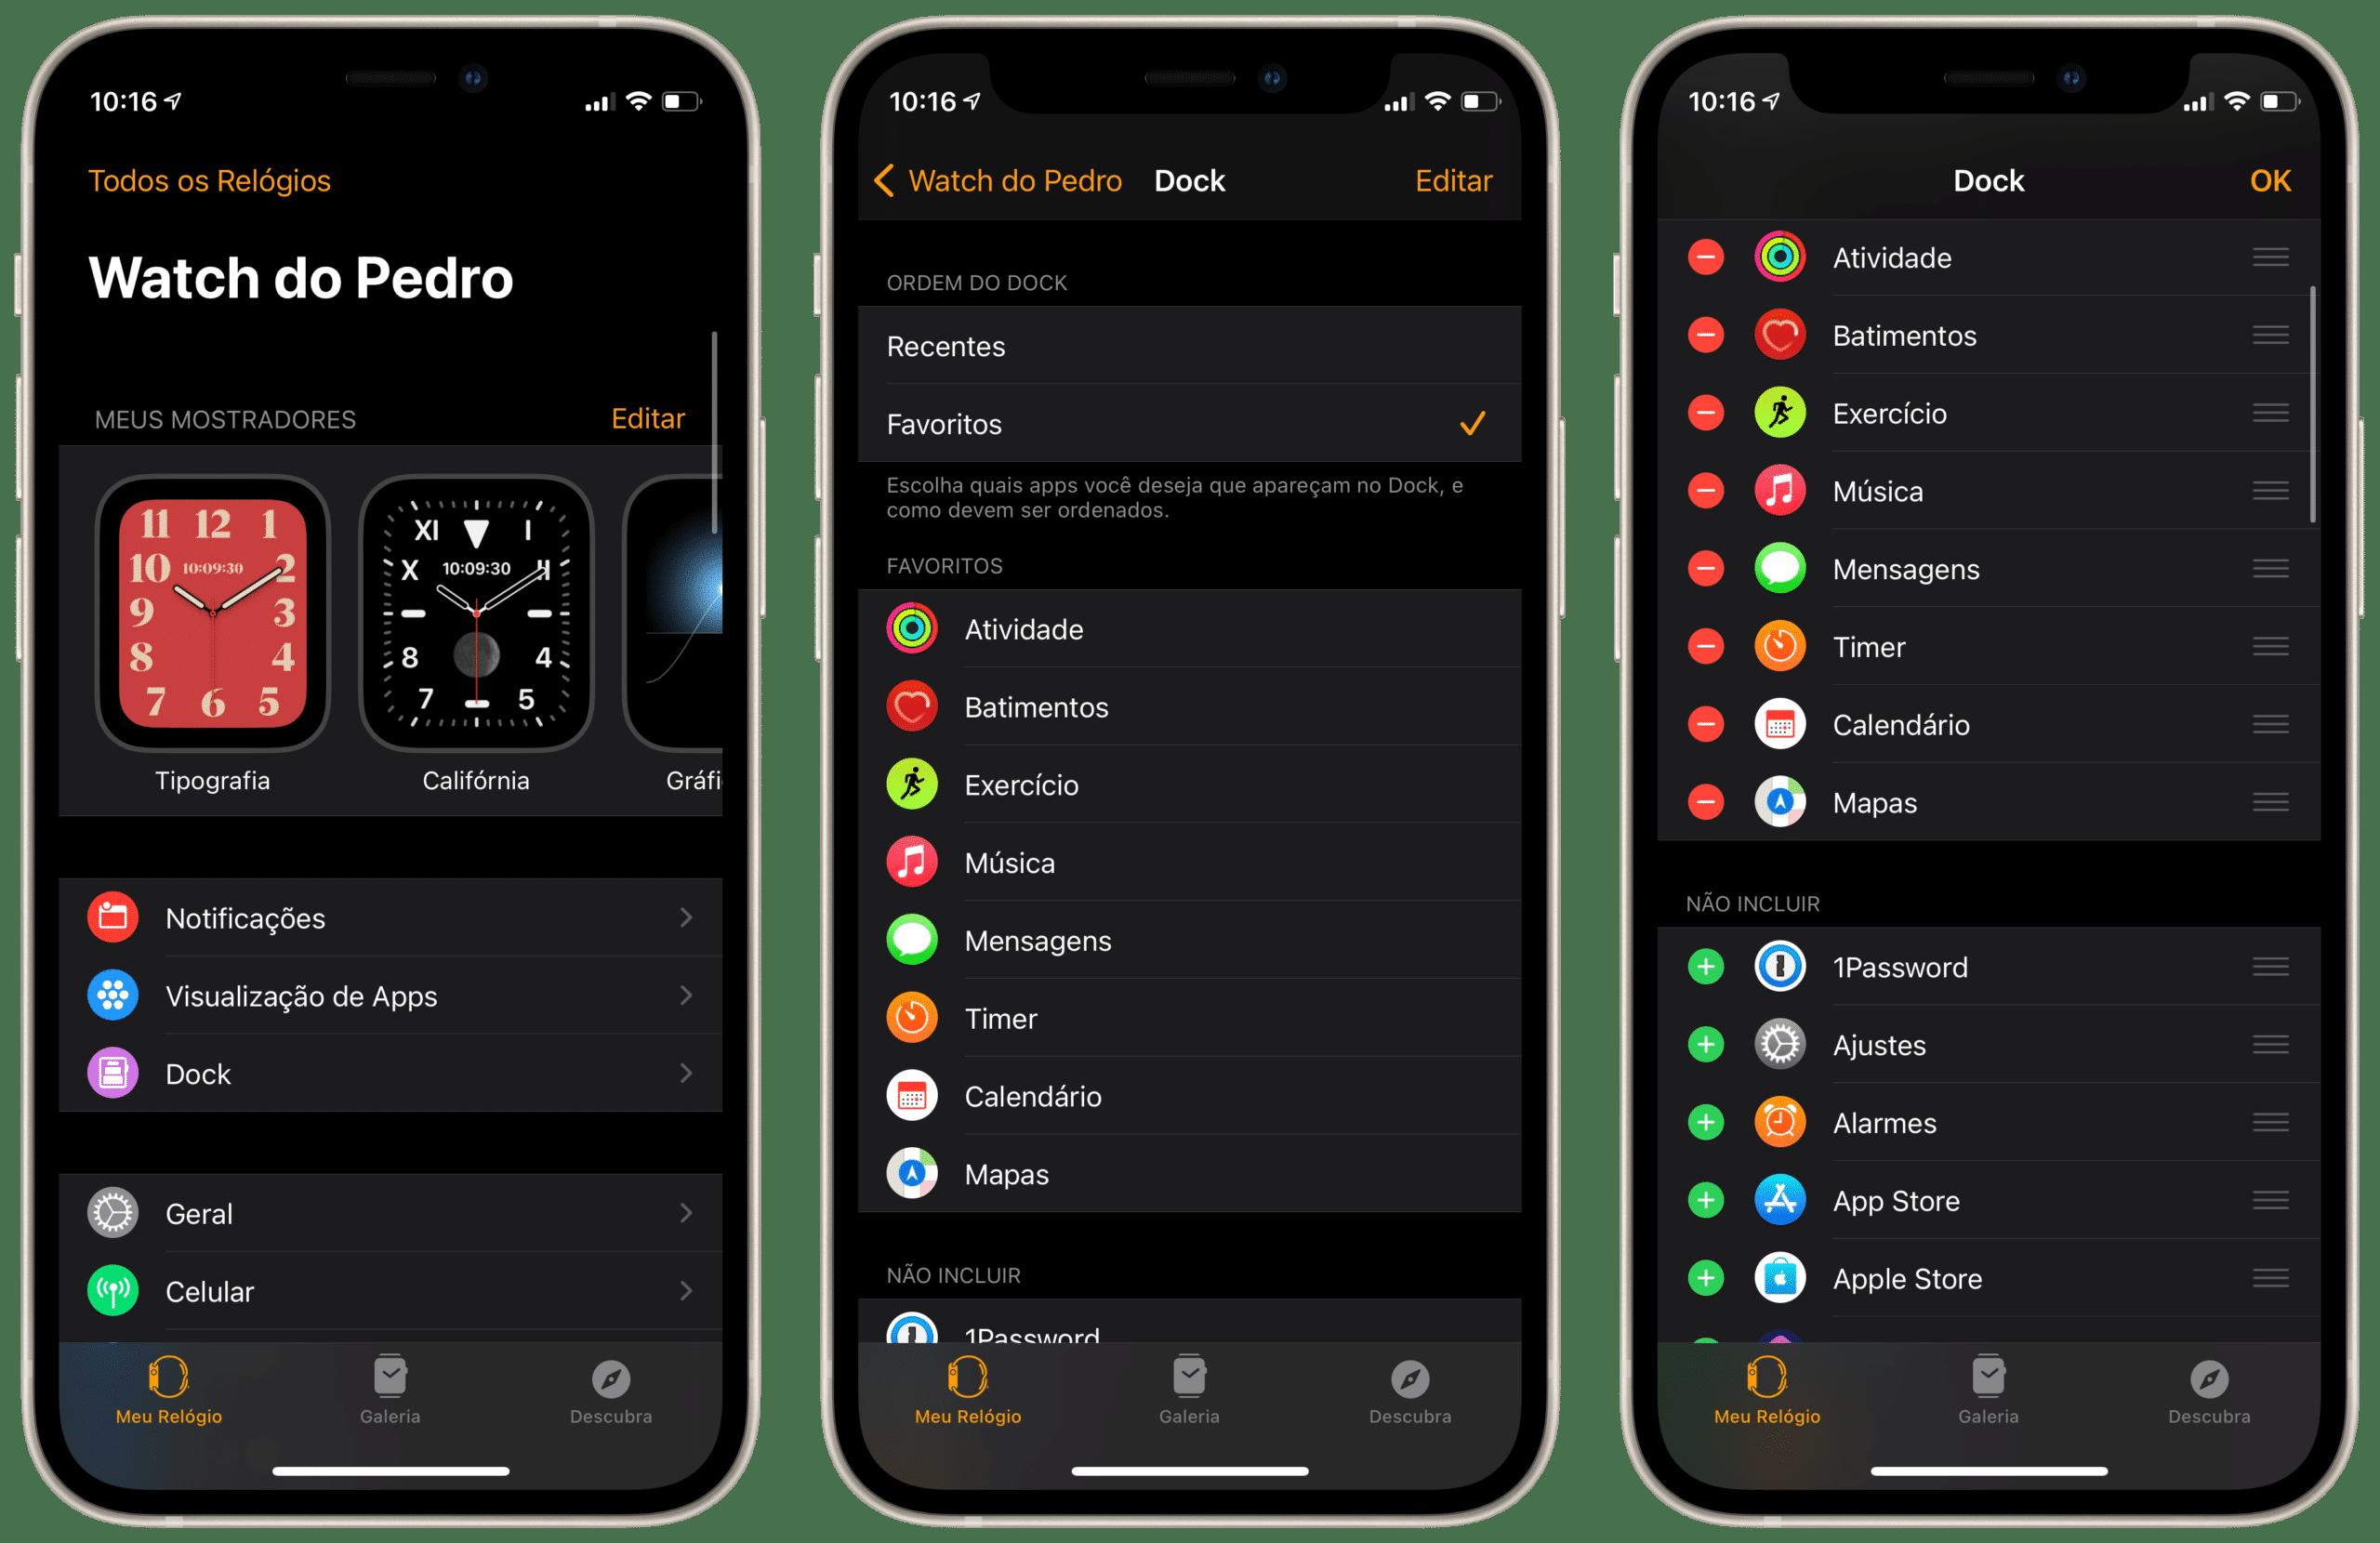 Configurações do Dock do Apple Watch